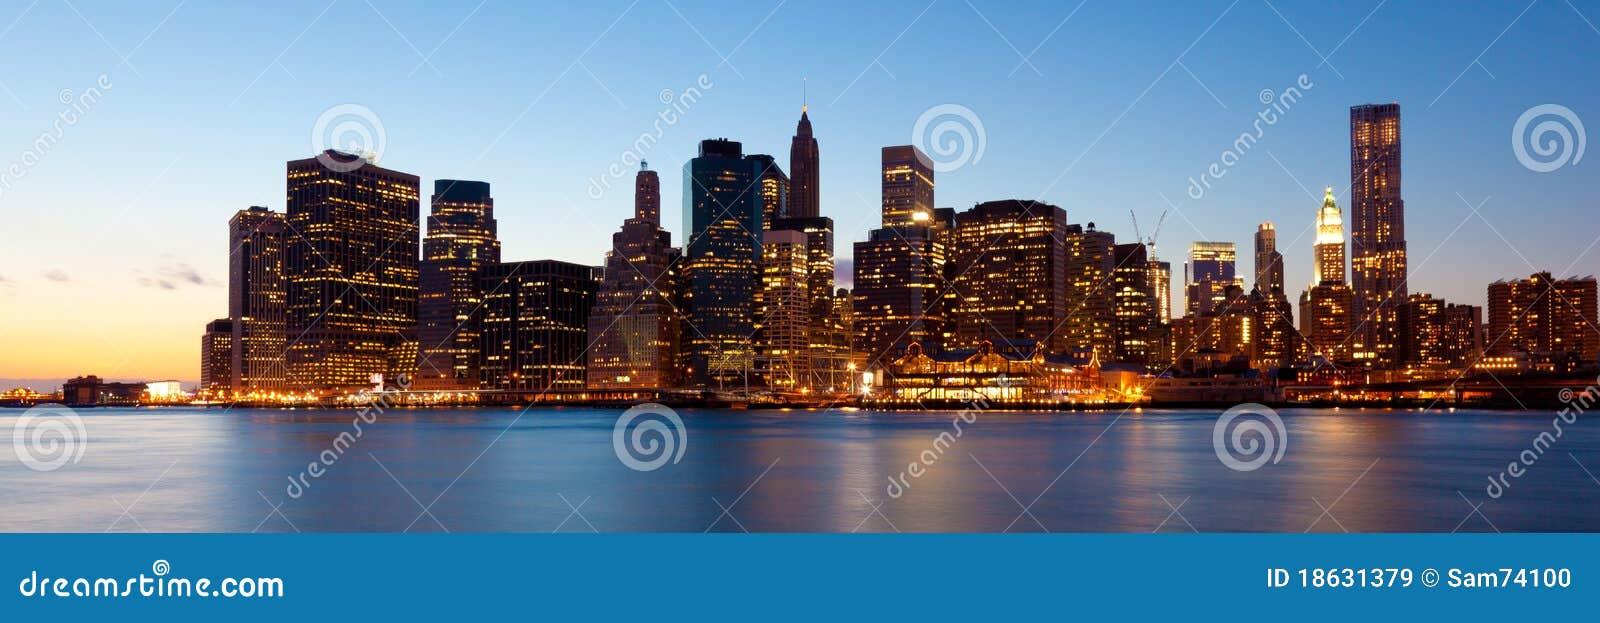 New York - Panoramic View Of Manhattan Stock Image - Image of bridge ...